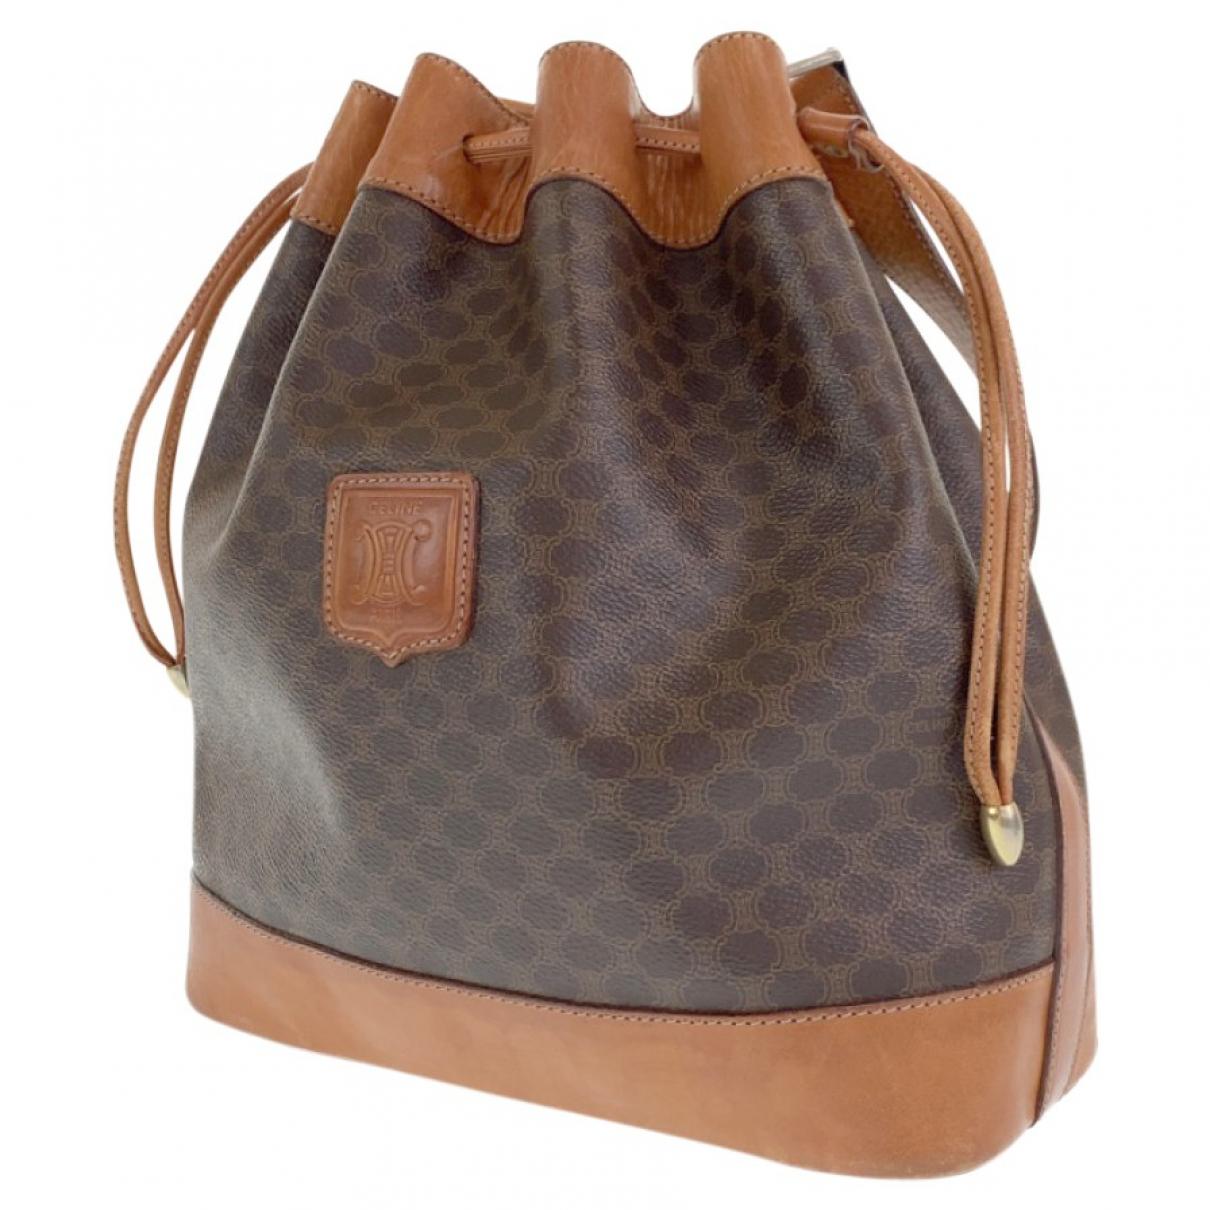 Celine \N Handtasche in Synthetik